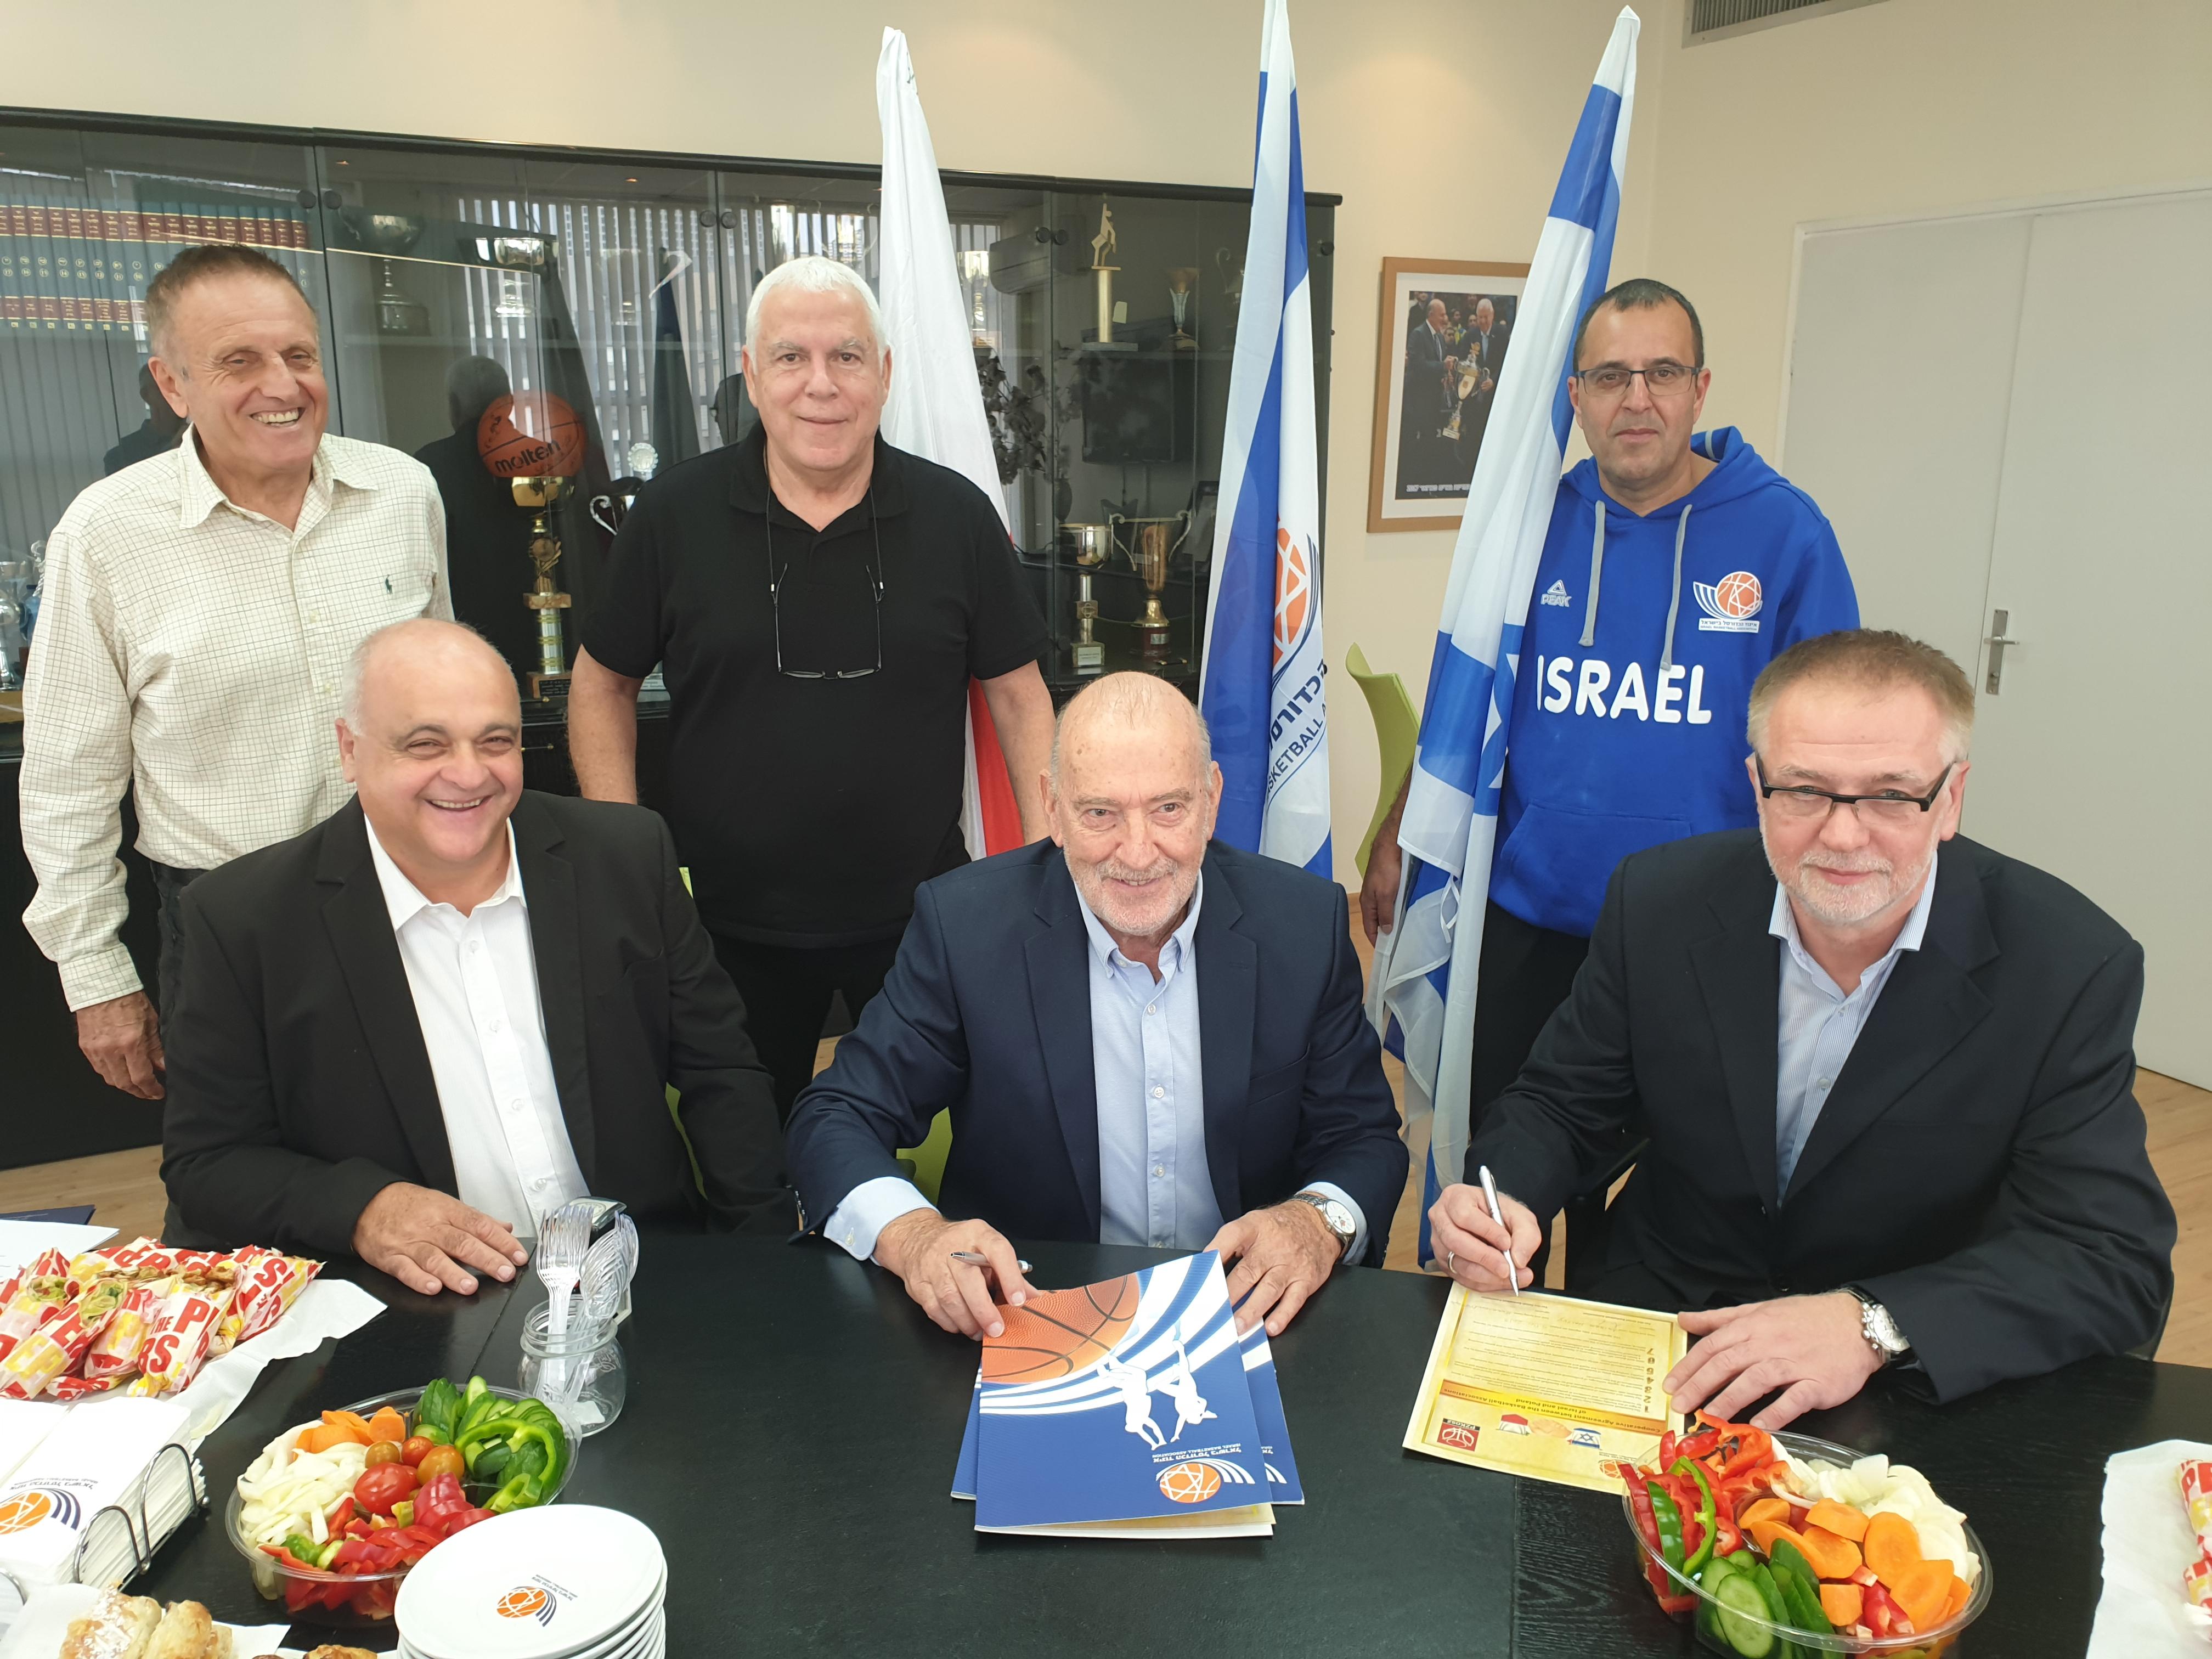 נחתם הסכם שיתוף פעולה עם איגוד הכדורסל הפולני